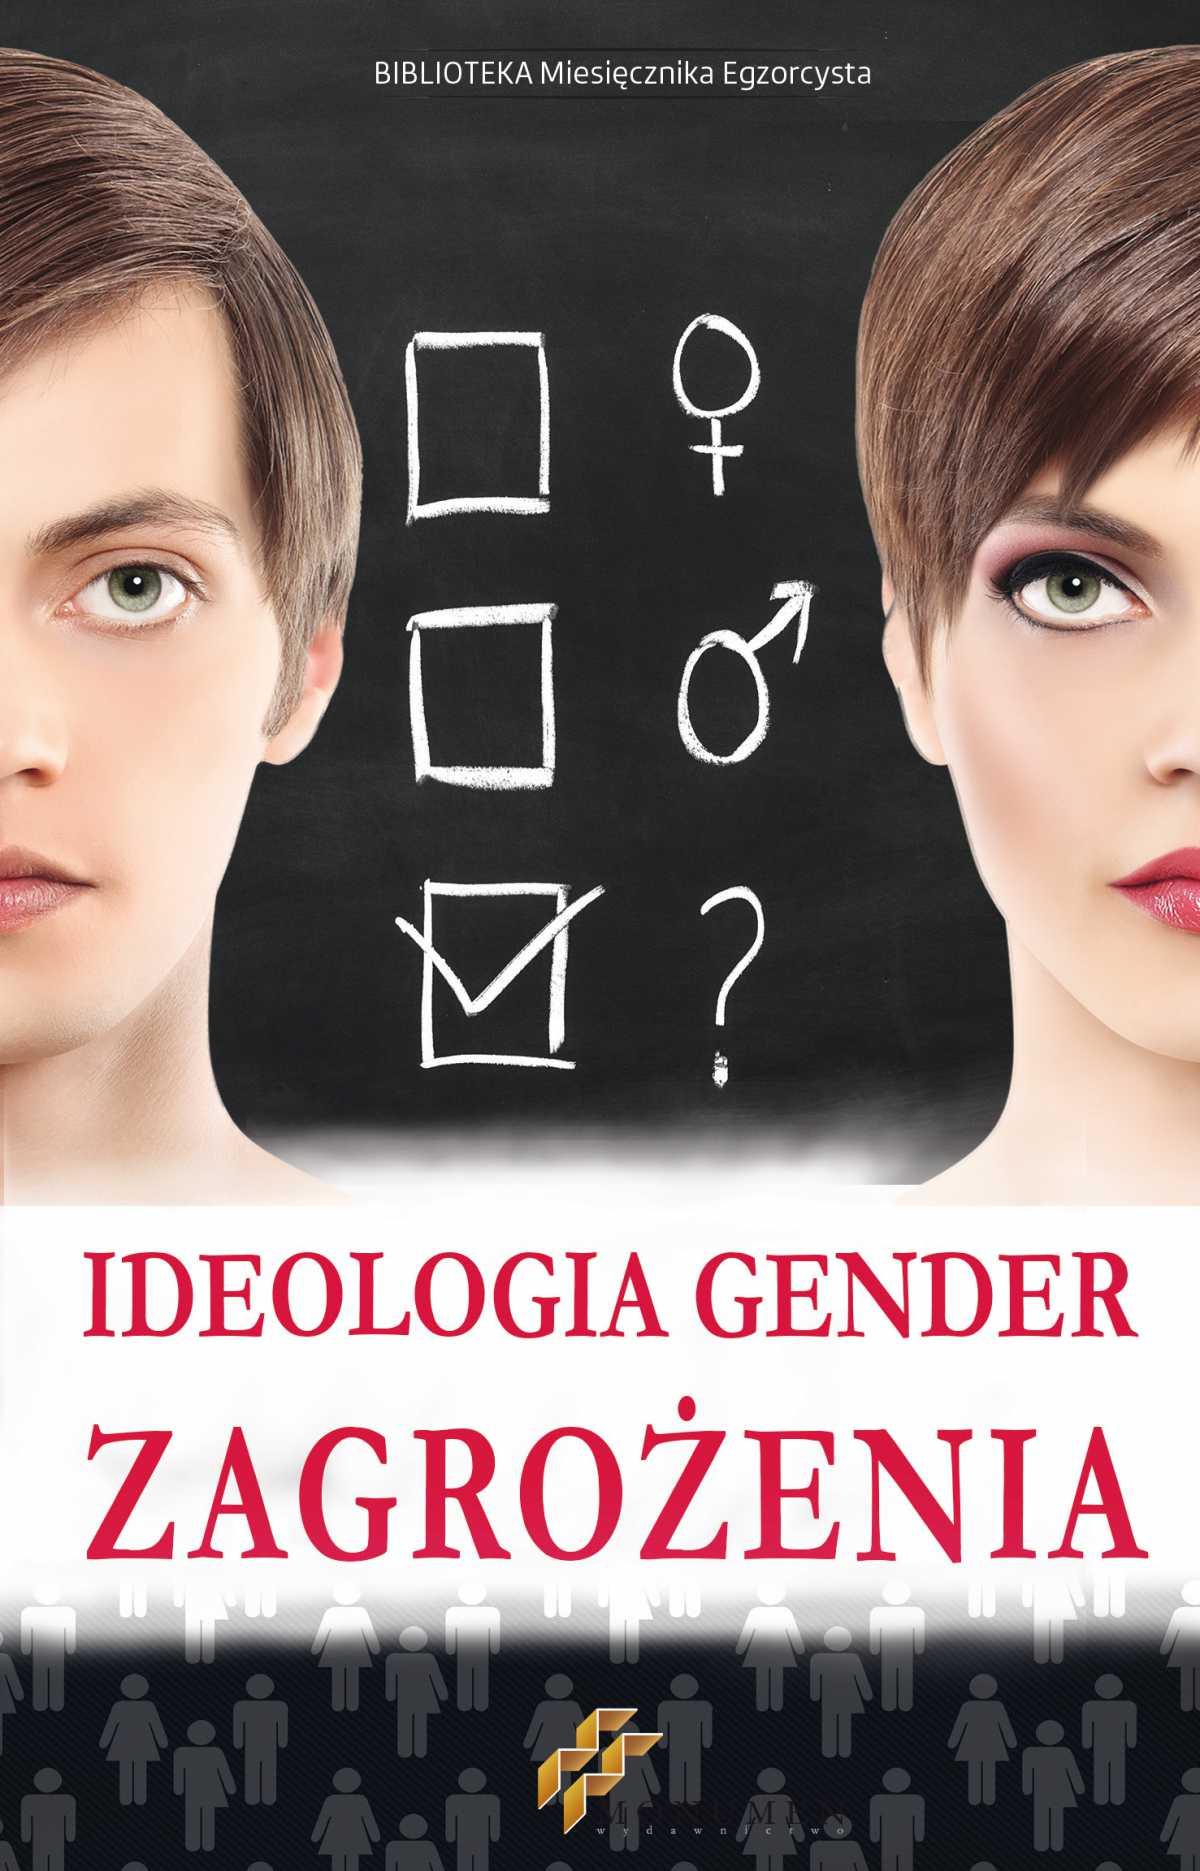 Ideologia Gender. Zagrożenia - Ebook (Książka PDF) do pobrania w formacie PDF